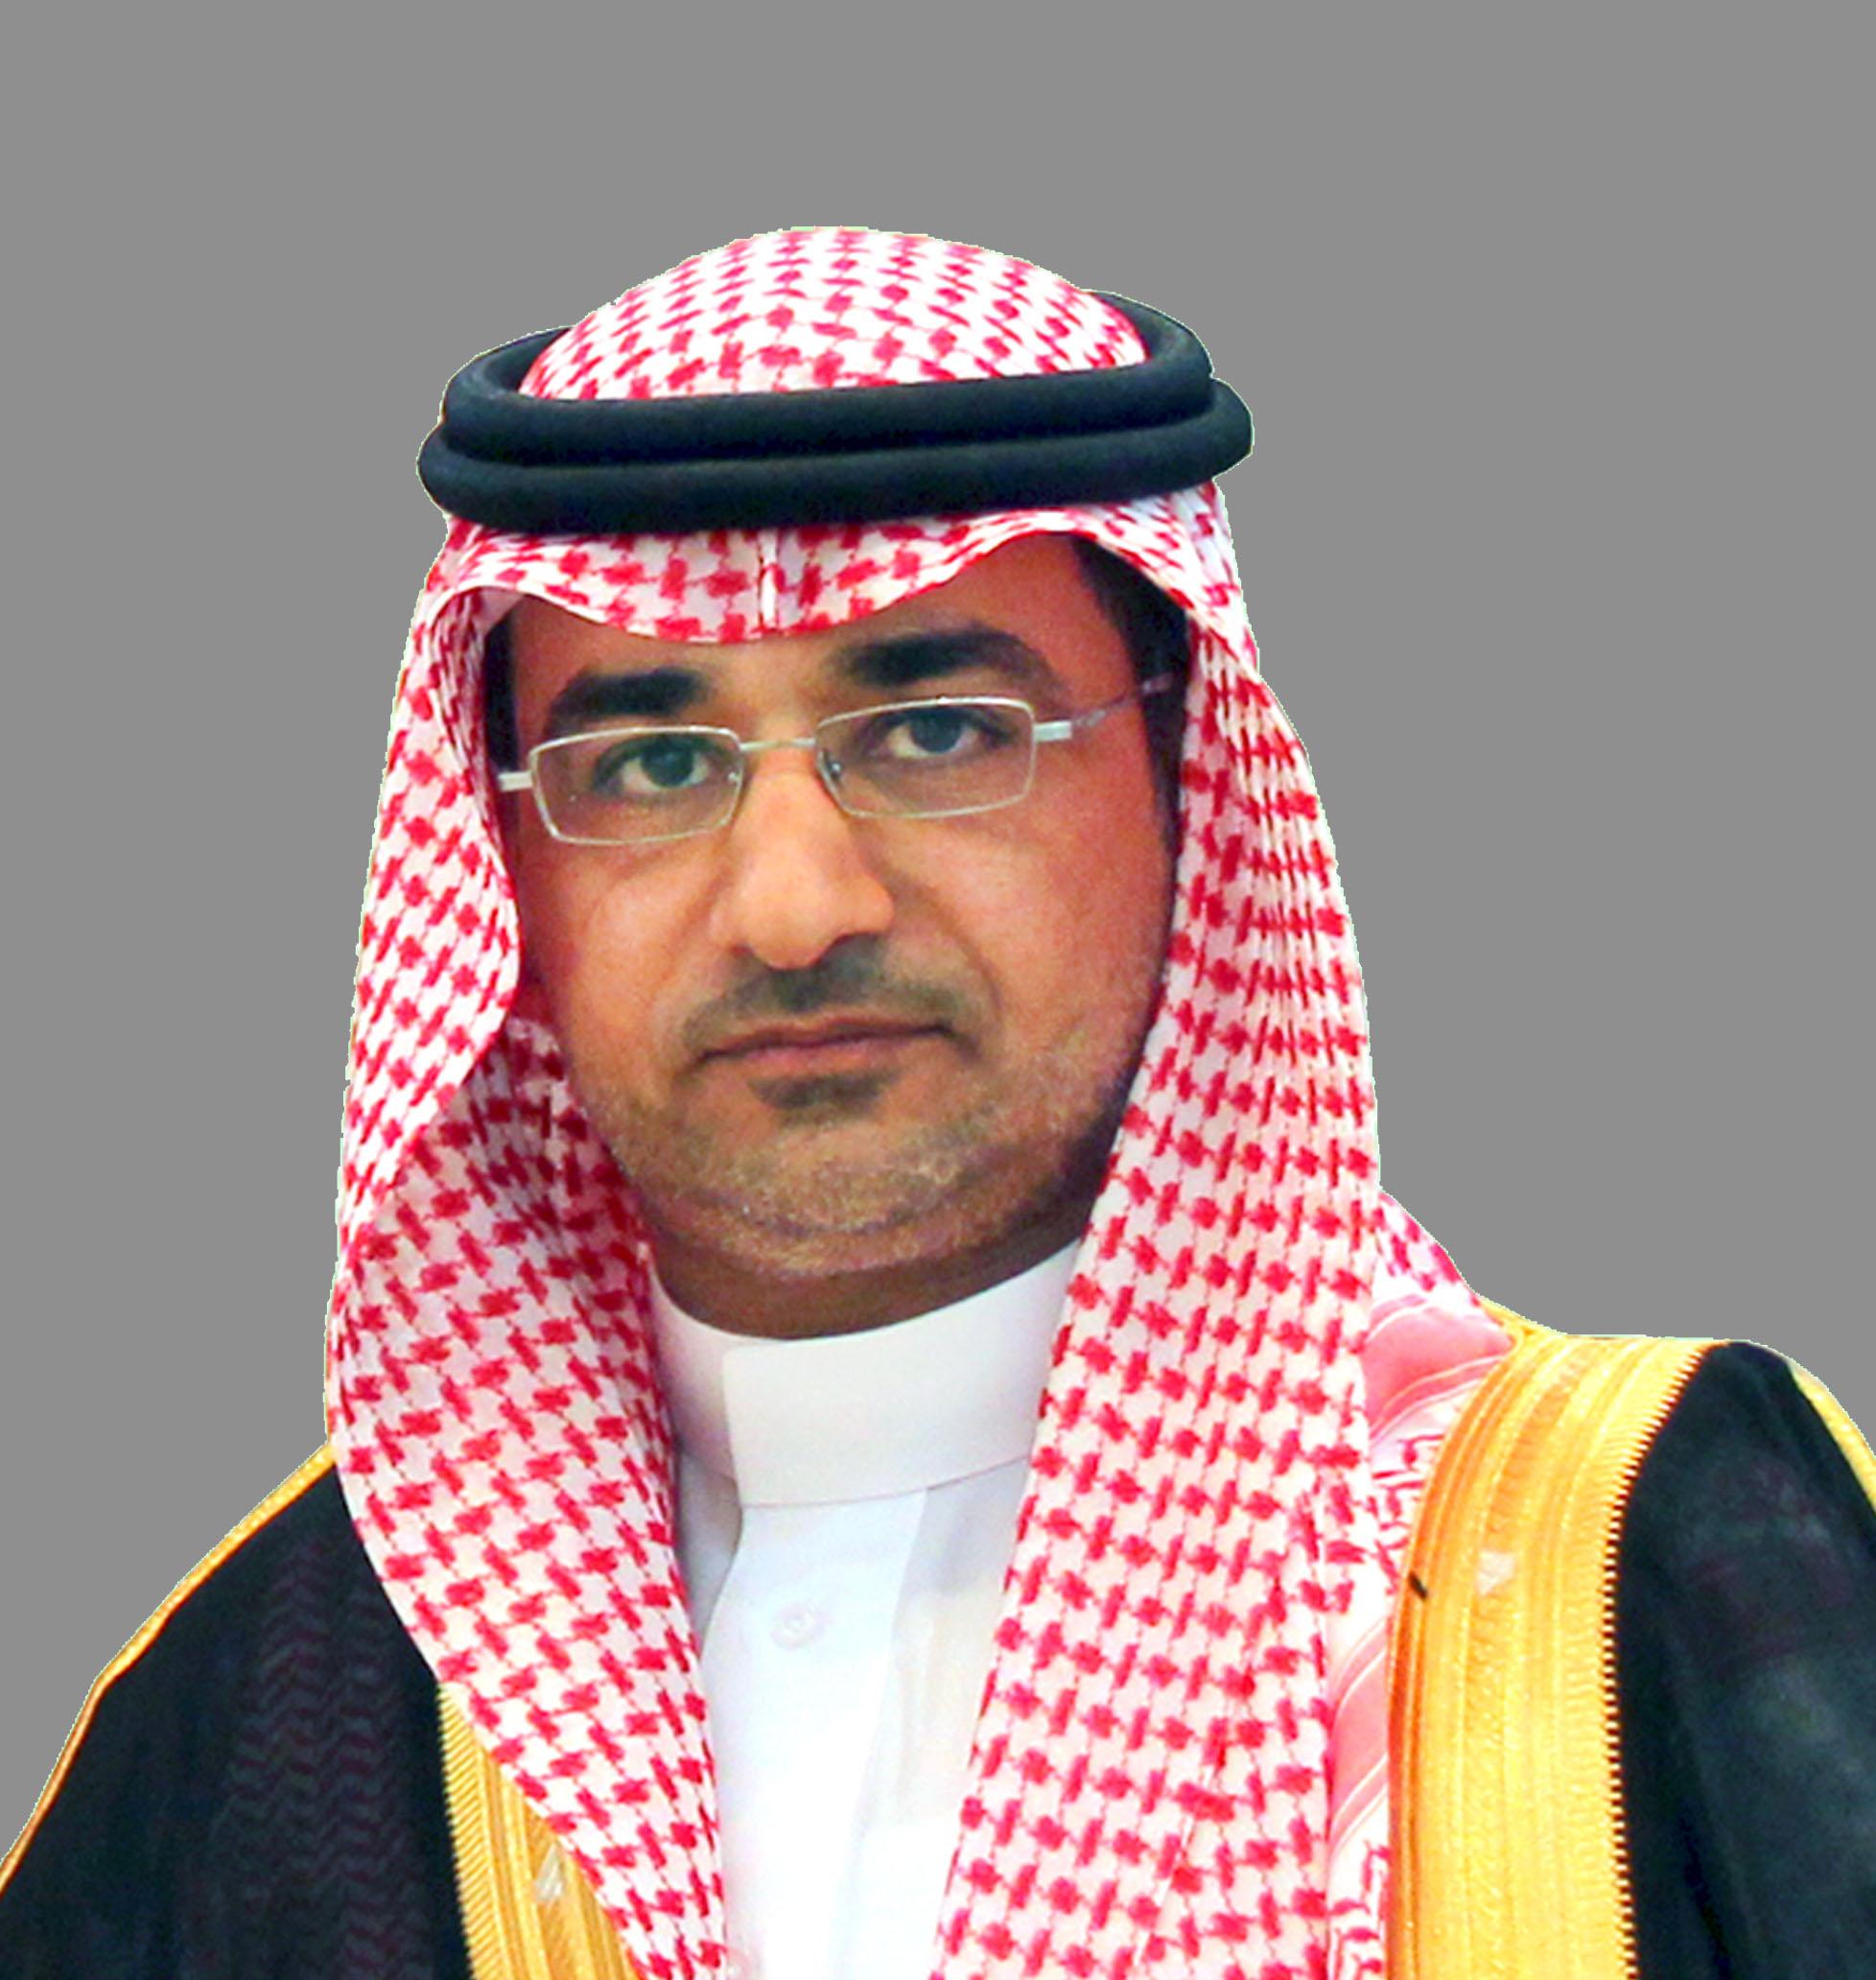 د. عبد الرحمن بن إبراهيم الخضيري